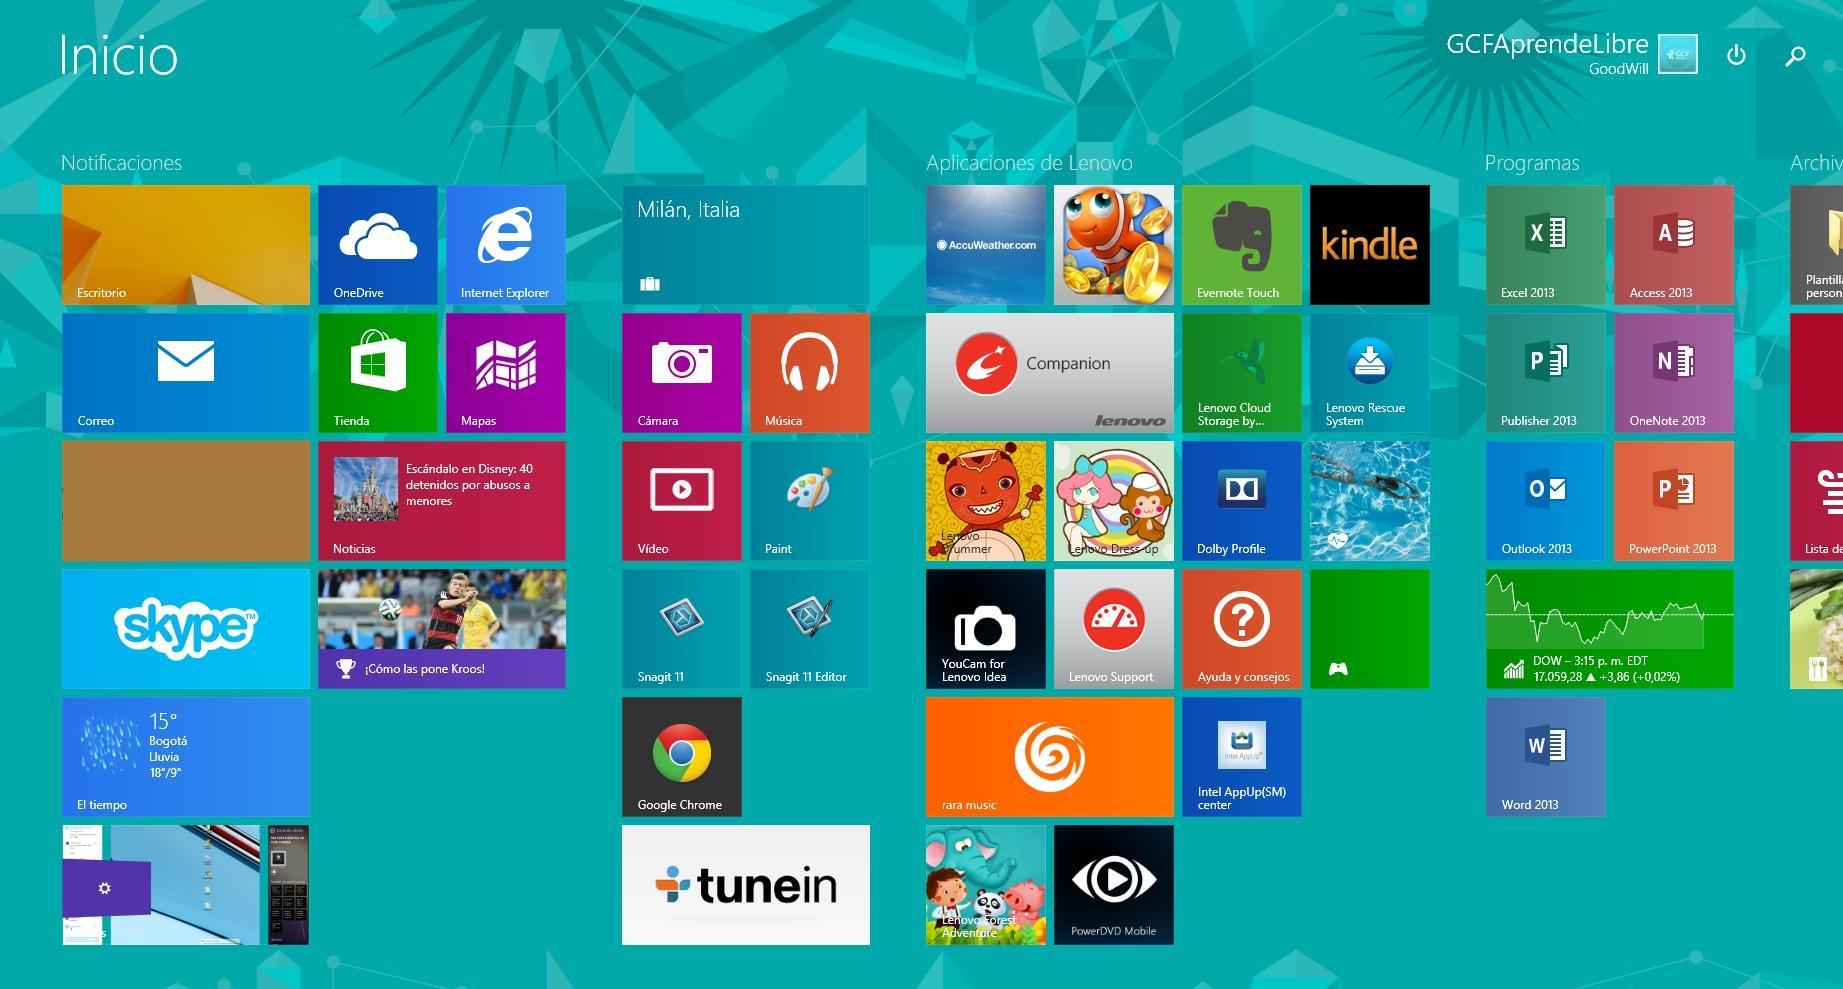 Interfaz gráfica de usuario del sistema operativo Windows 8.